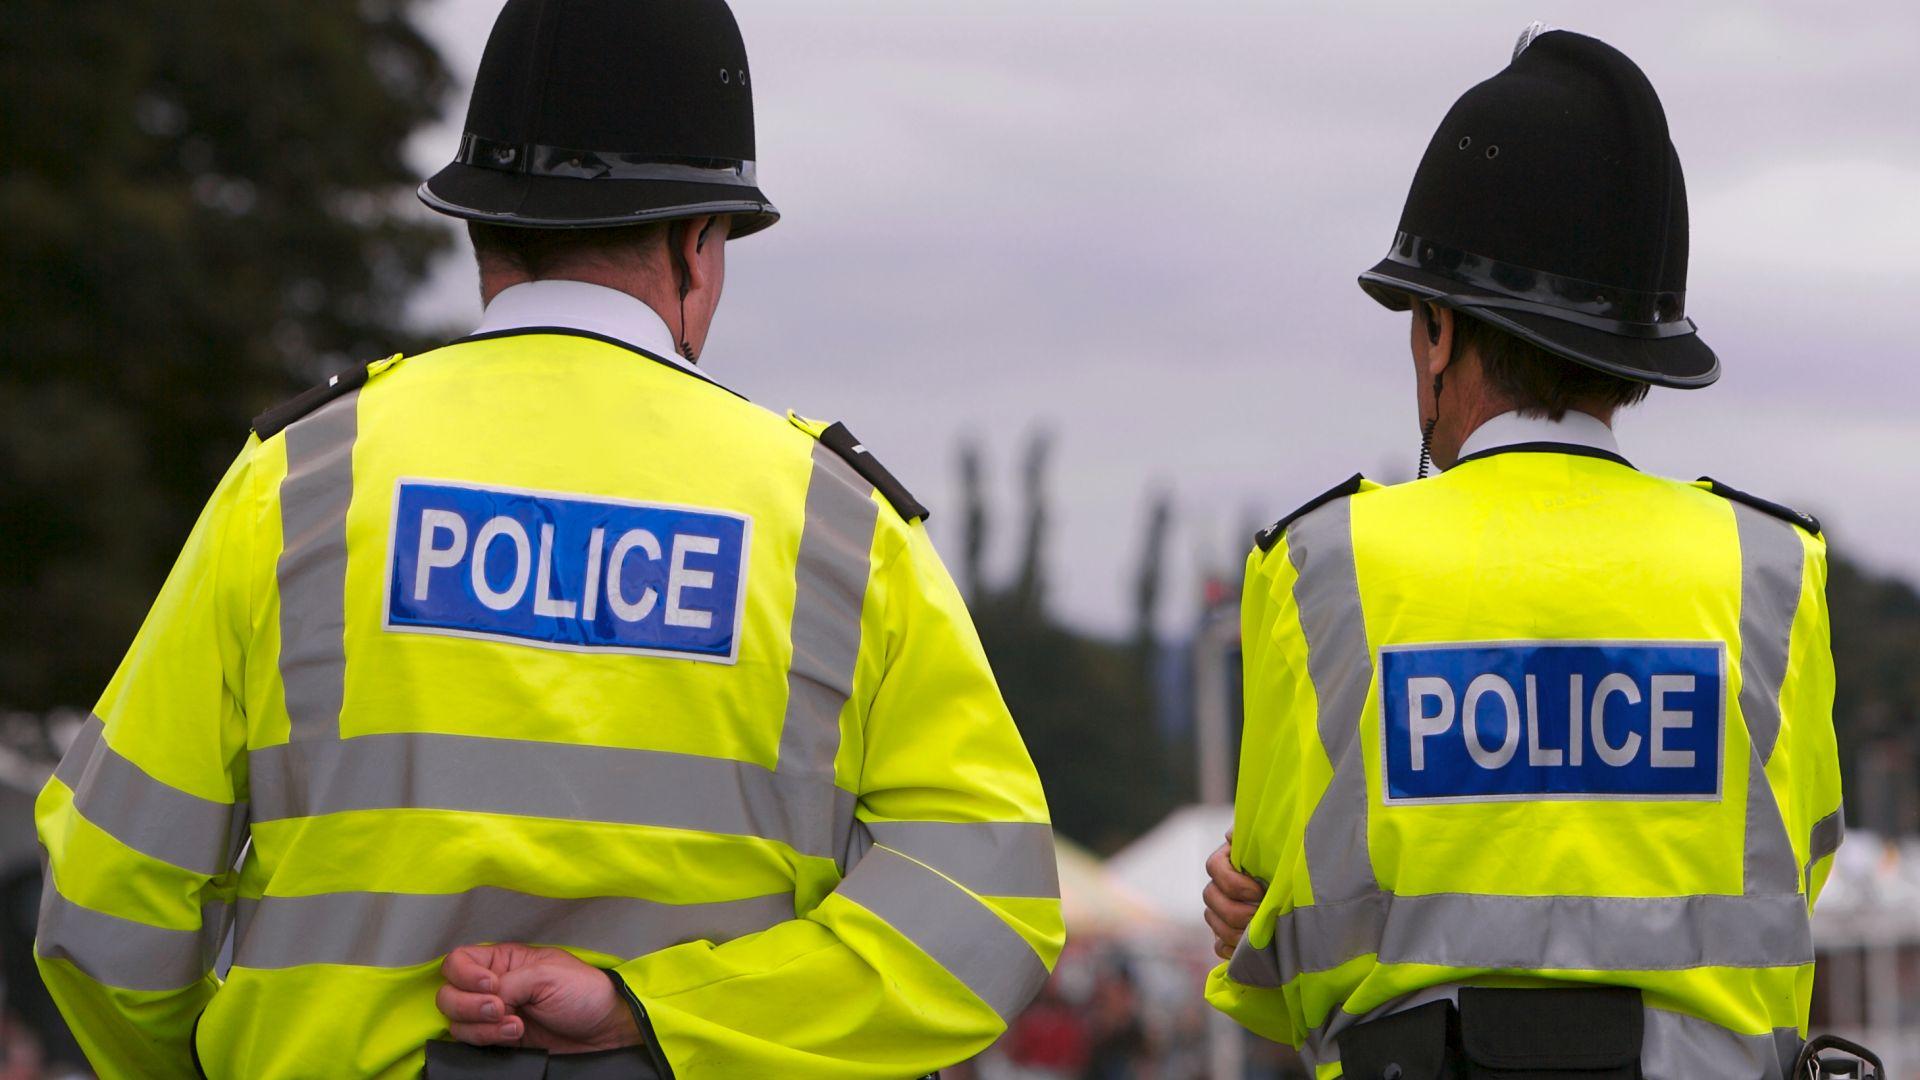 19-годишен българин бил намушкан с нож във Великобритания заради по-тъмен цвят на кожата